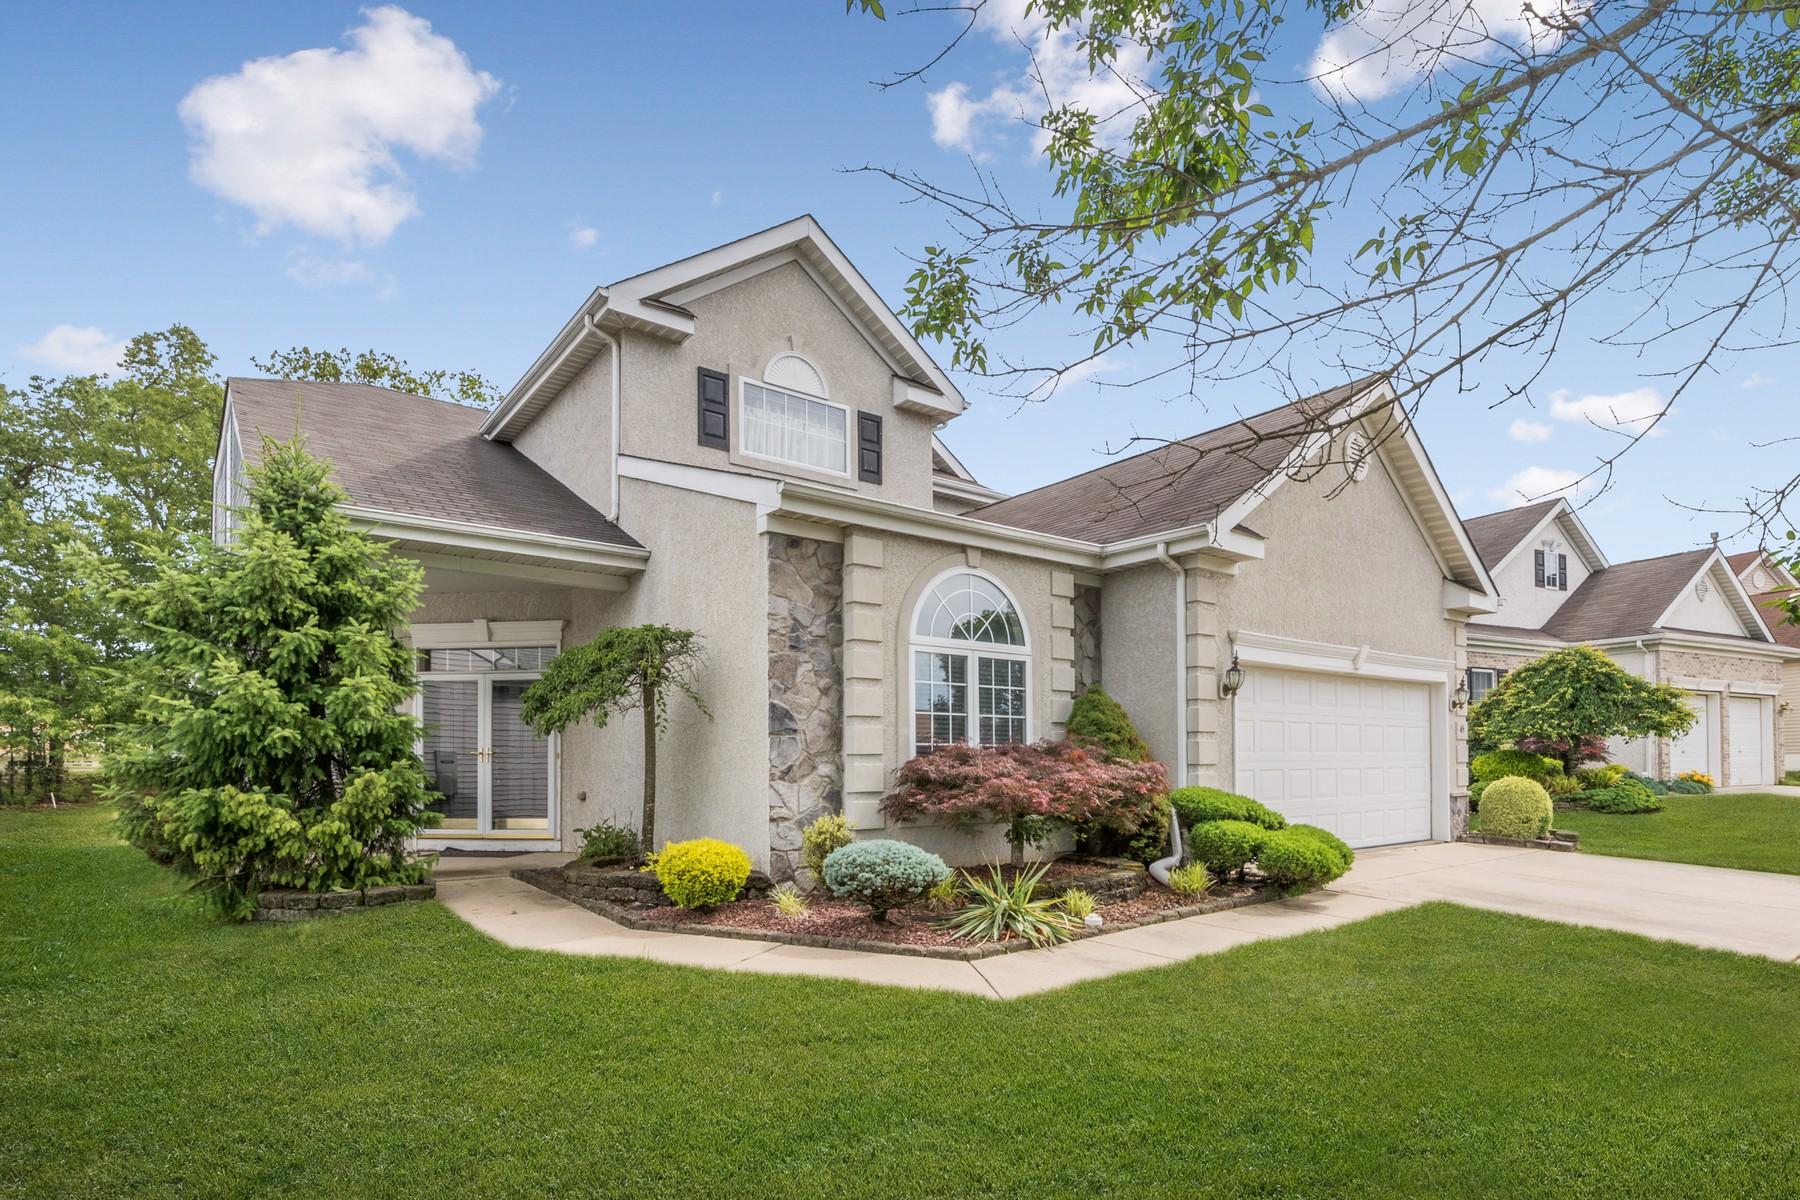 Westlake Golf & Country Club 45 Pine Valley Road Jackson, Nueva Jersey 08527 Estados Unidos